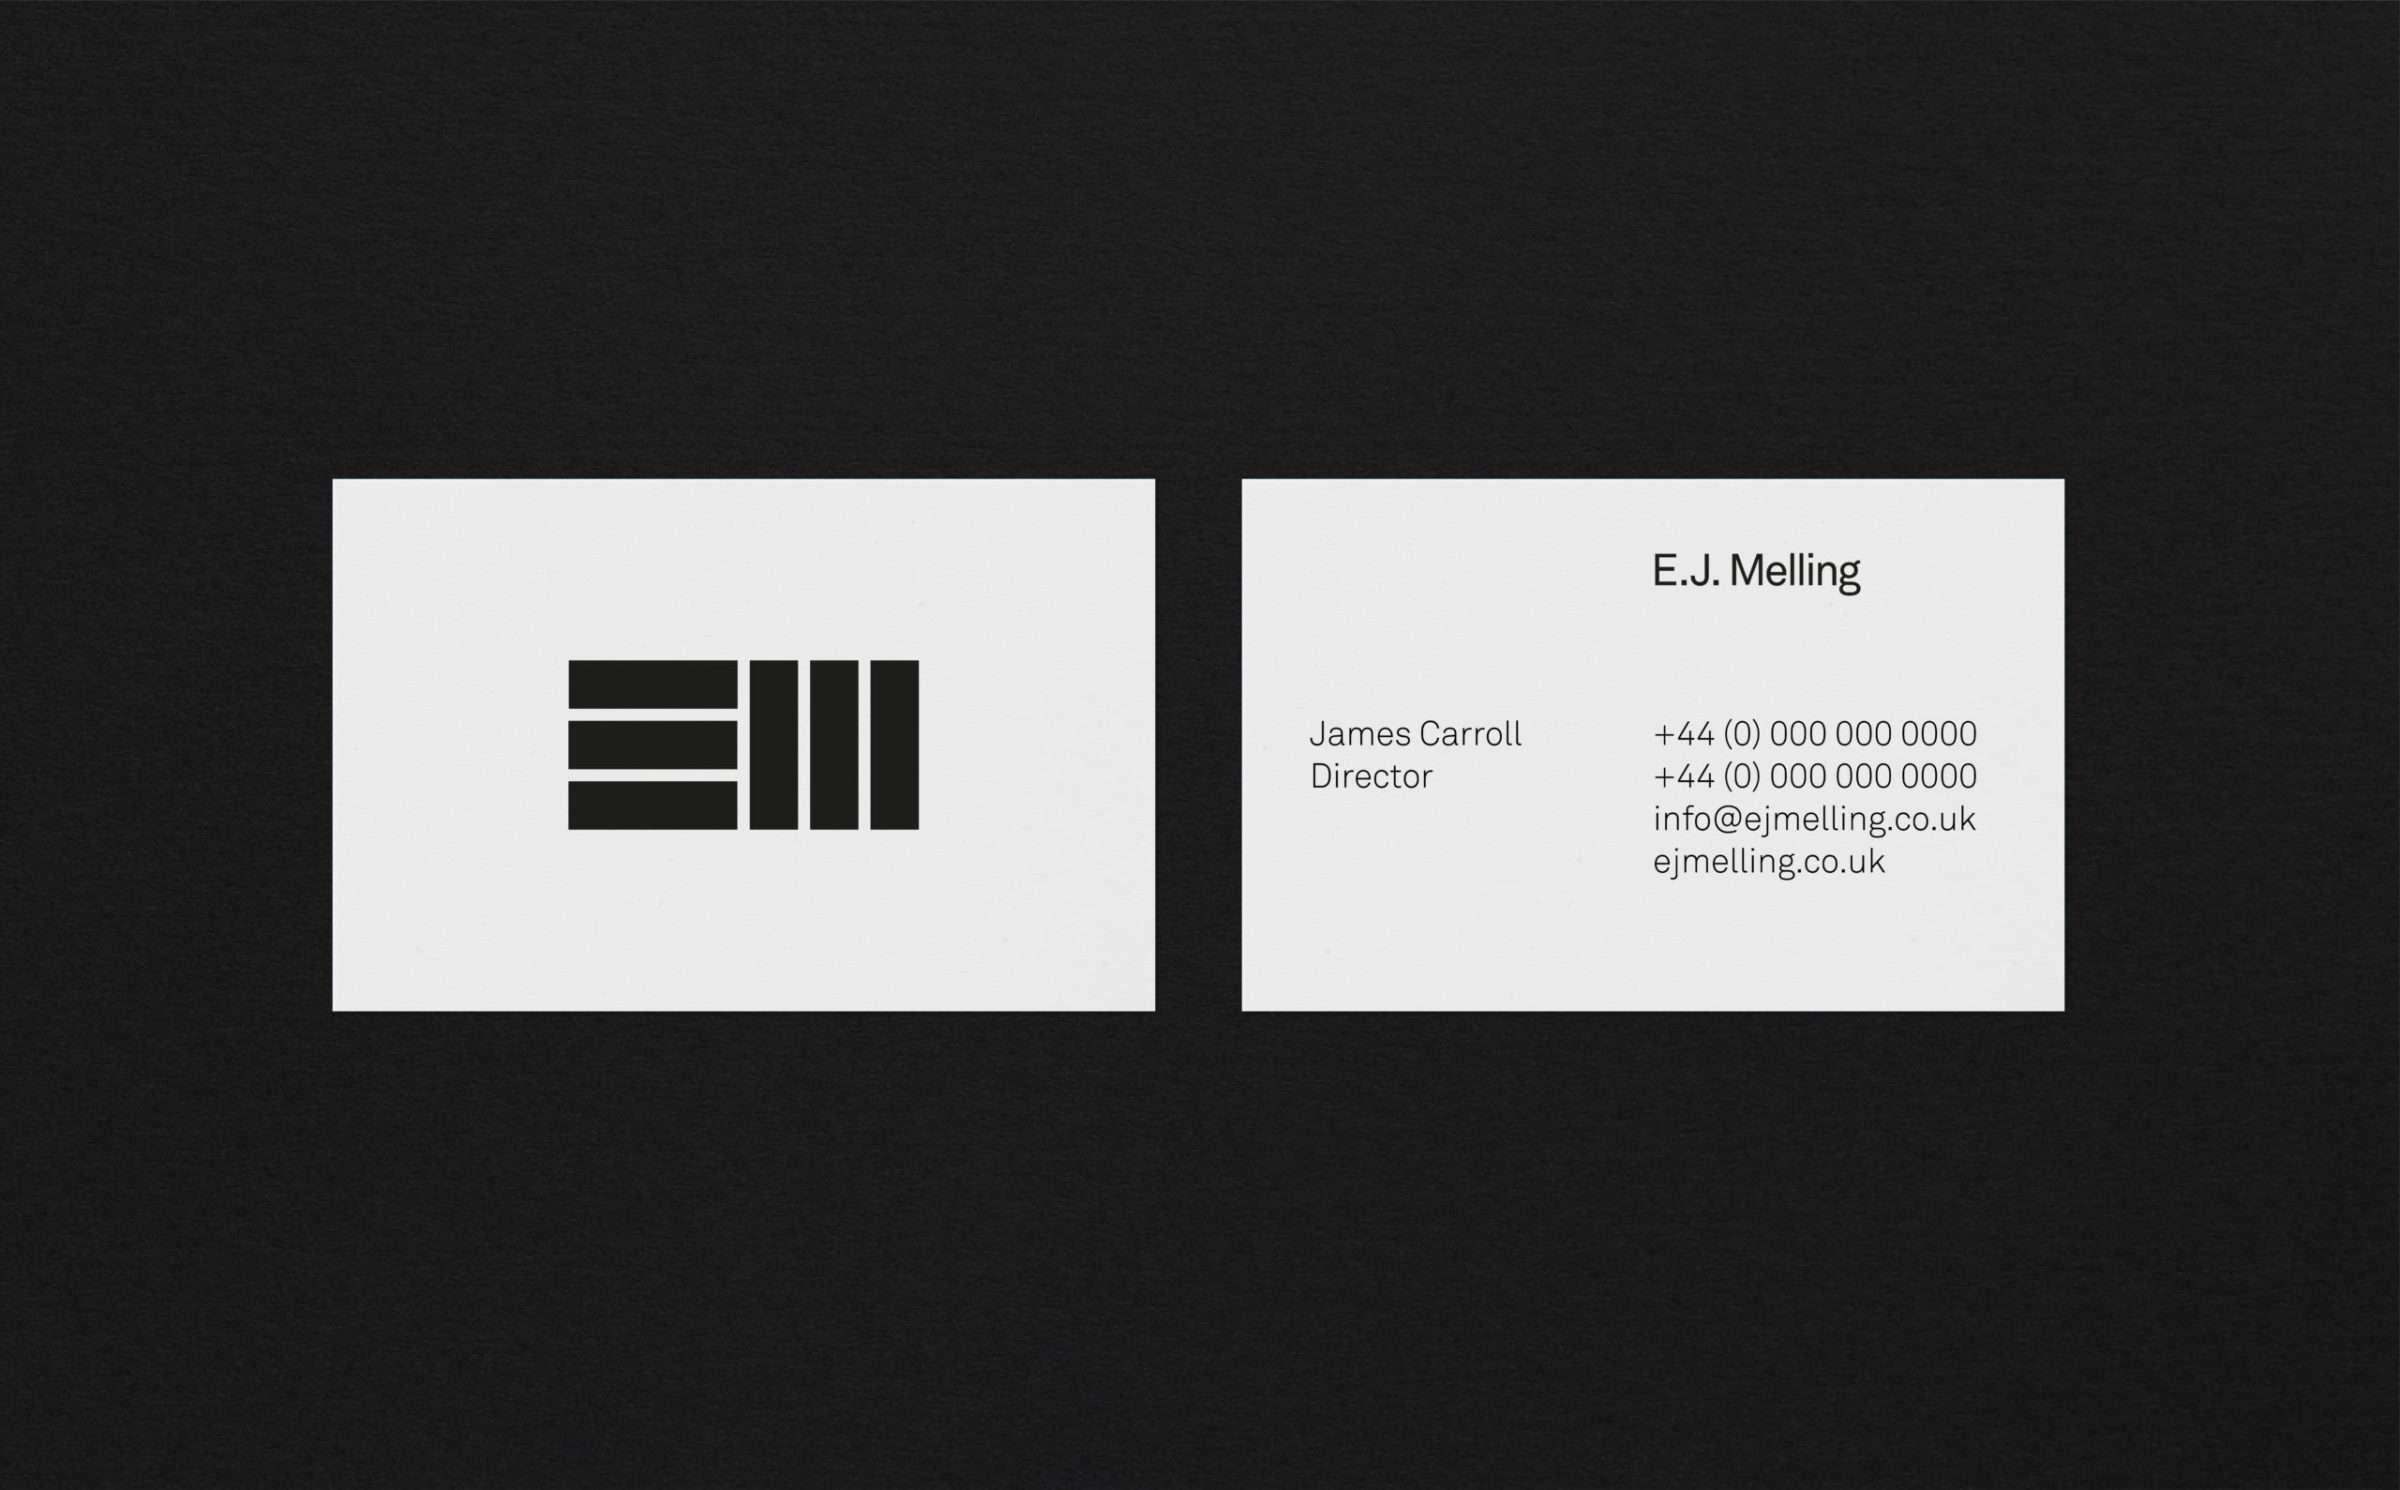 Business card design for EJ Melling